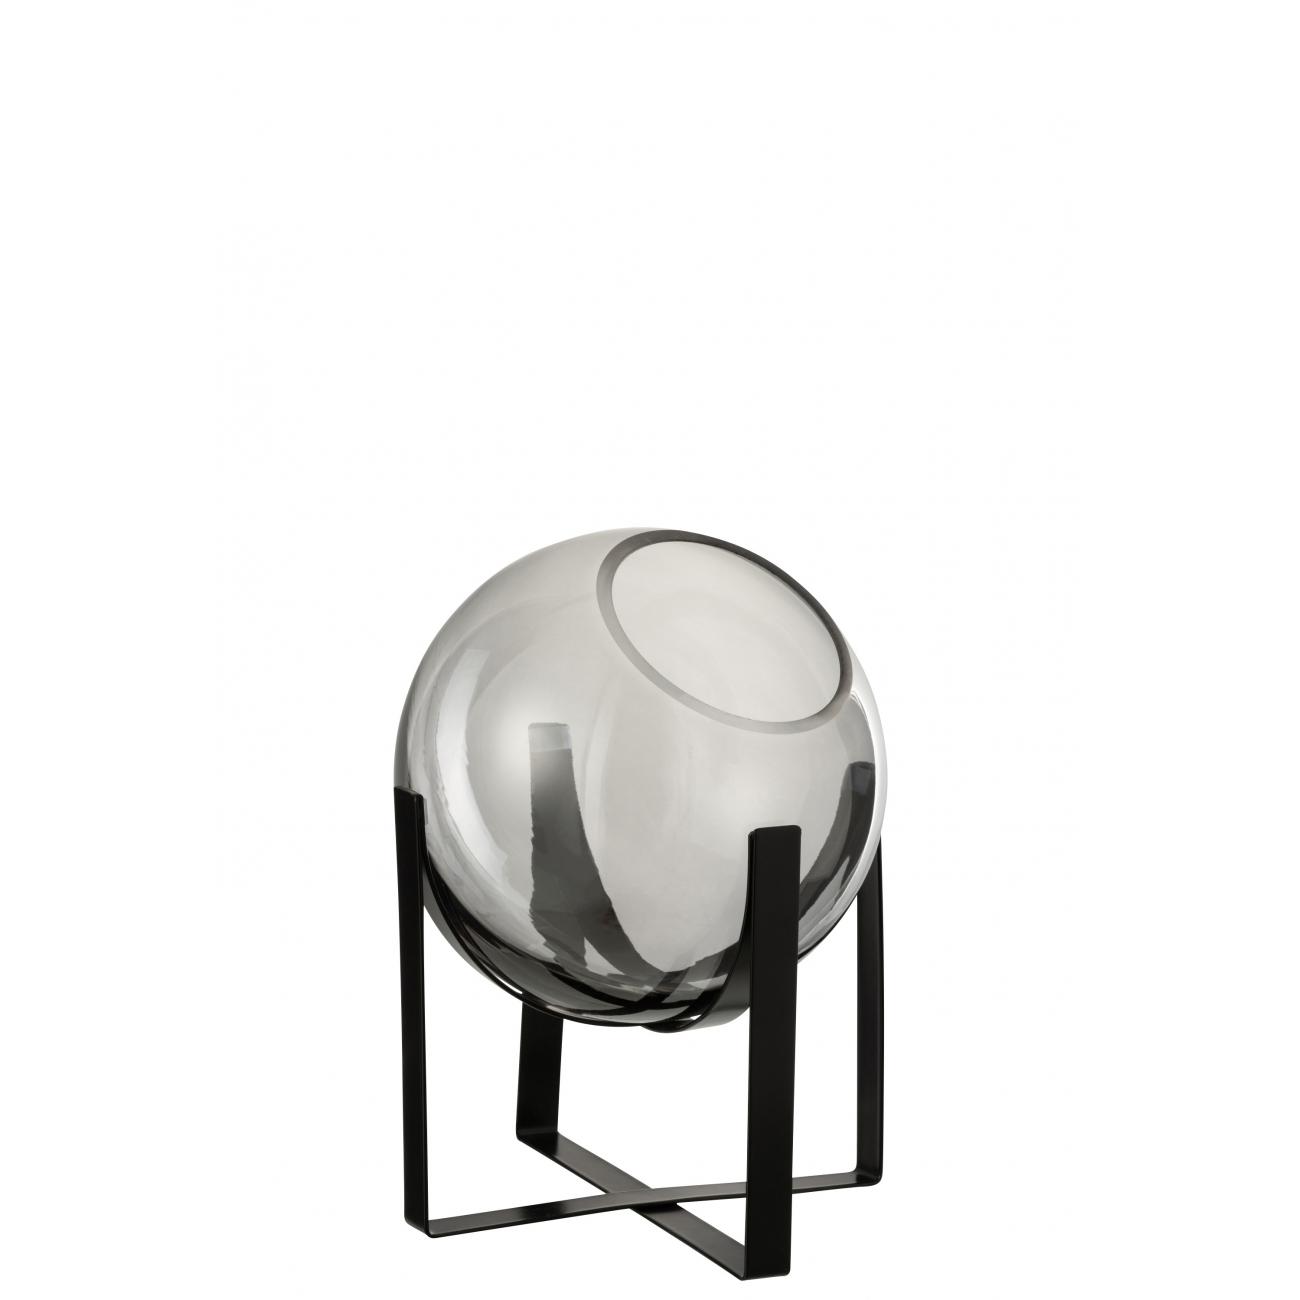 Ваза J-LINE стеклянная серого оттенка на металлической черной подставке высота 28 см Бельгия